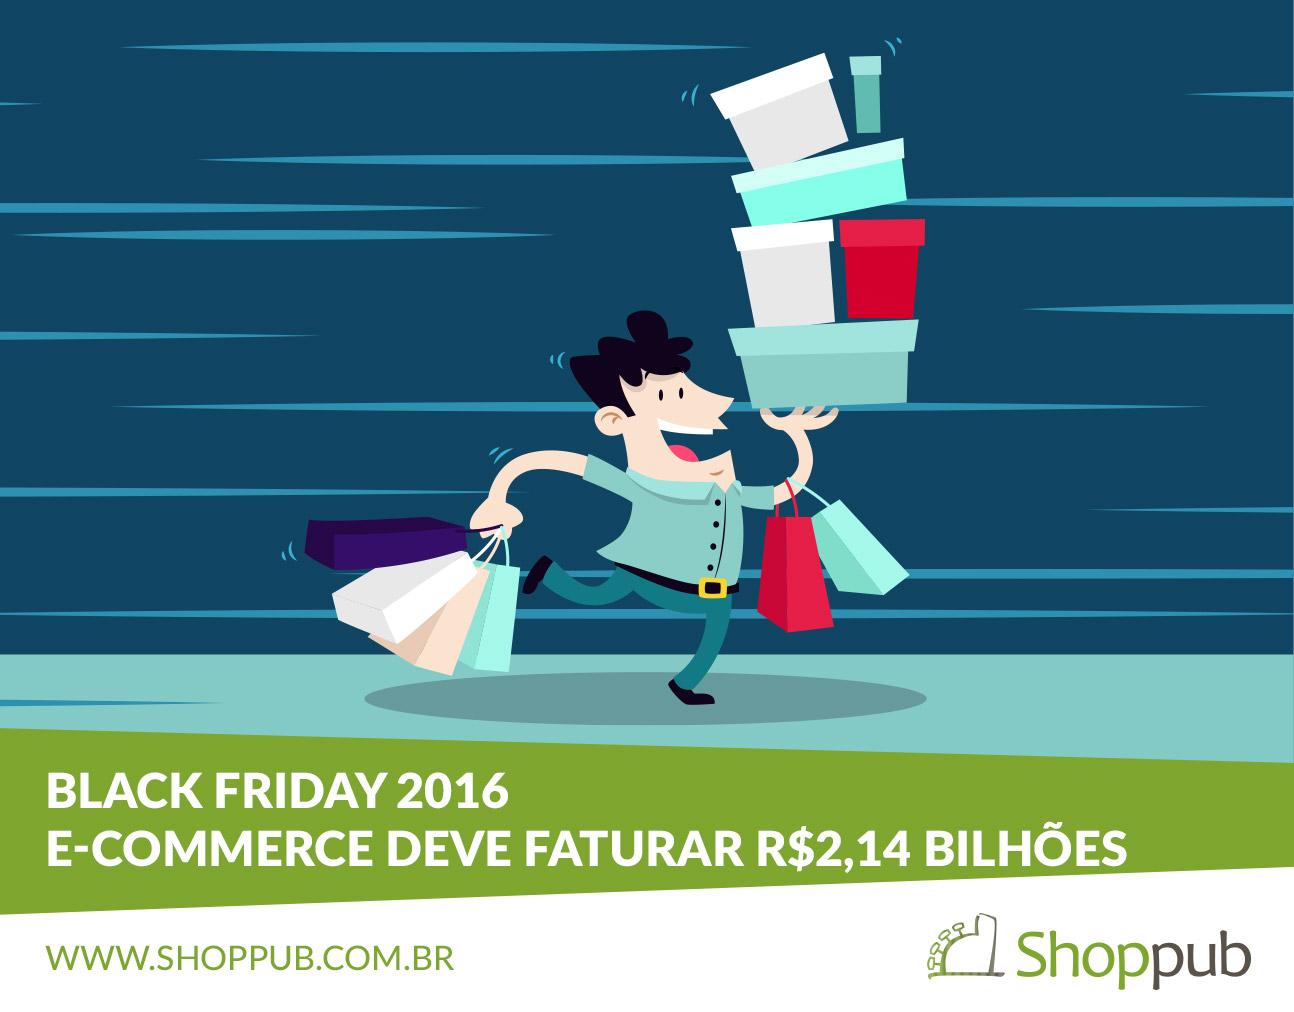 Black Friday 2016 – E-commerce deve faturar R$2,14 bilhões